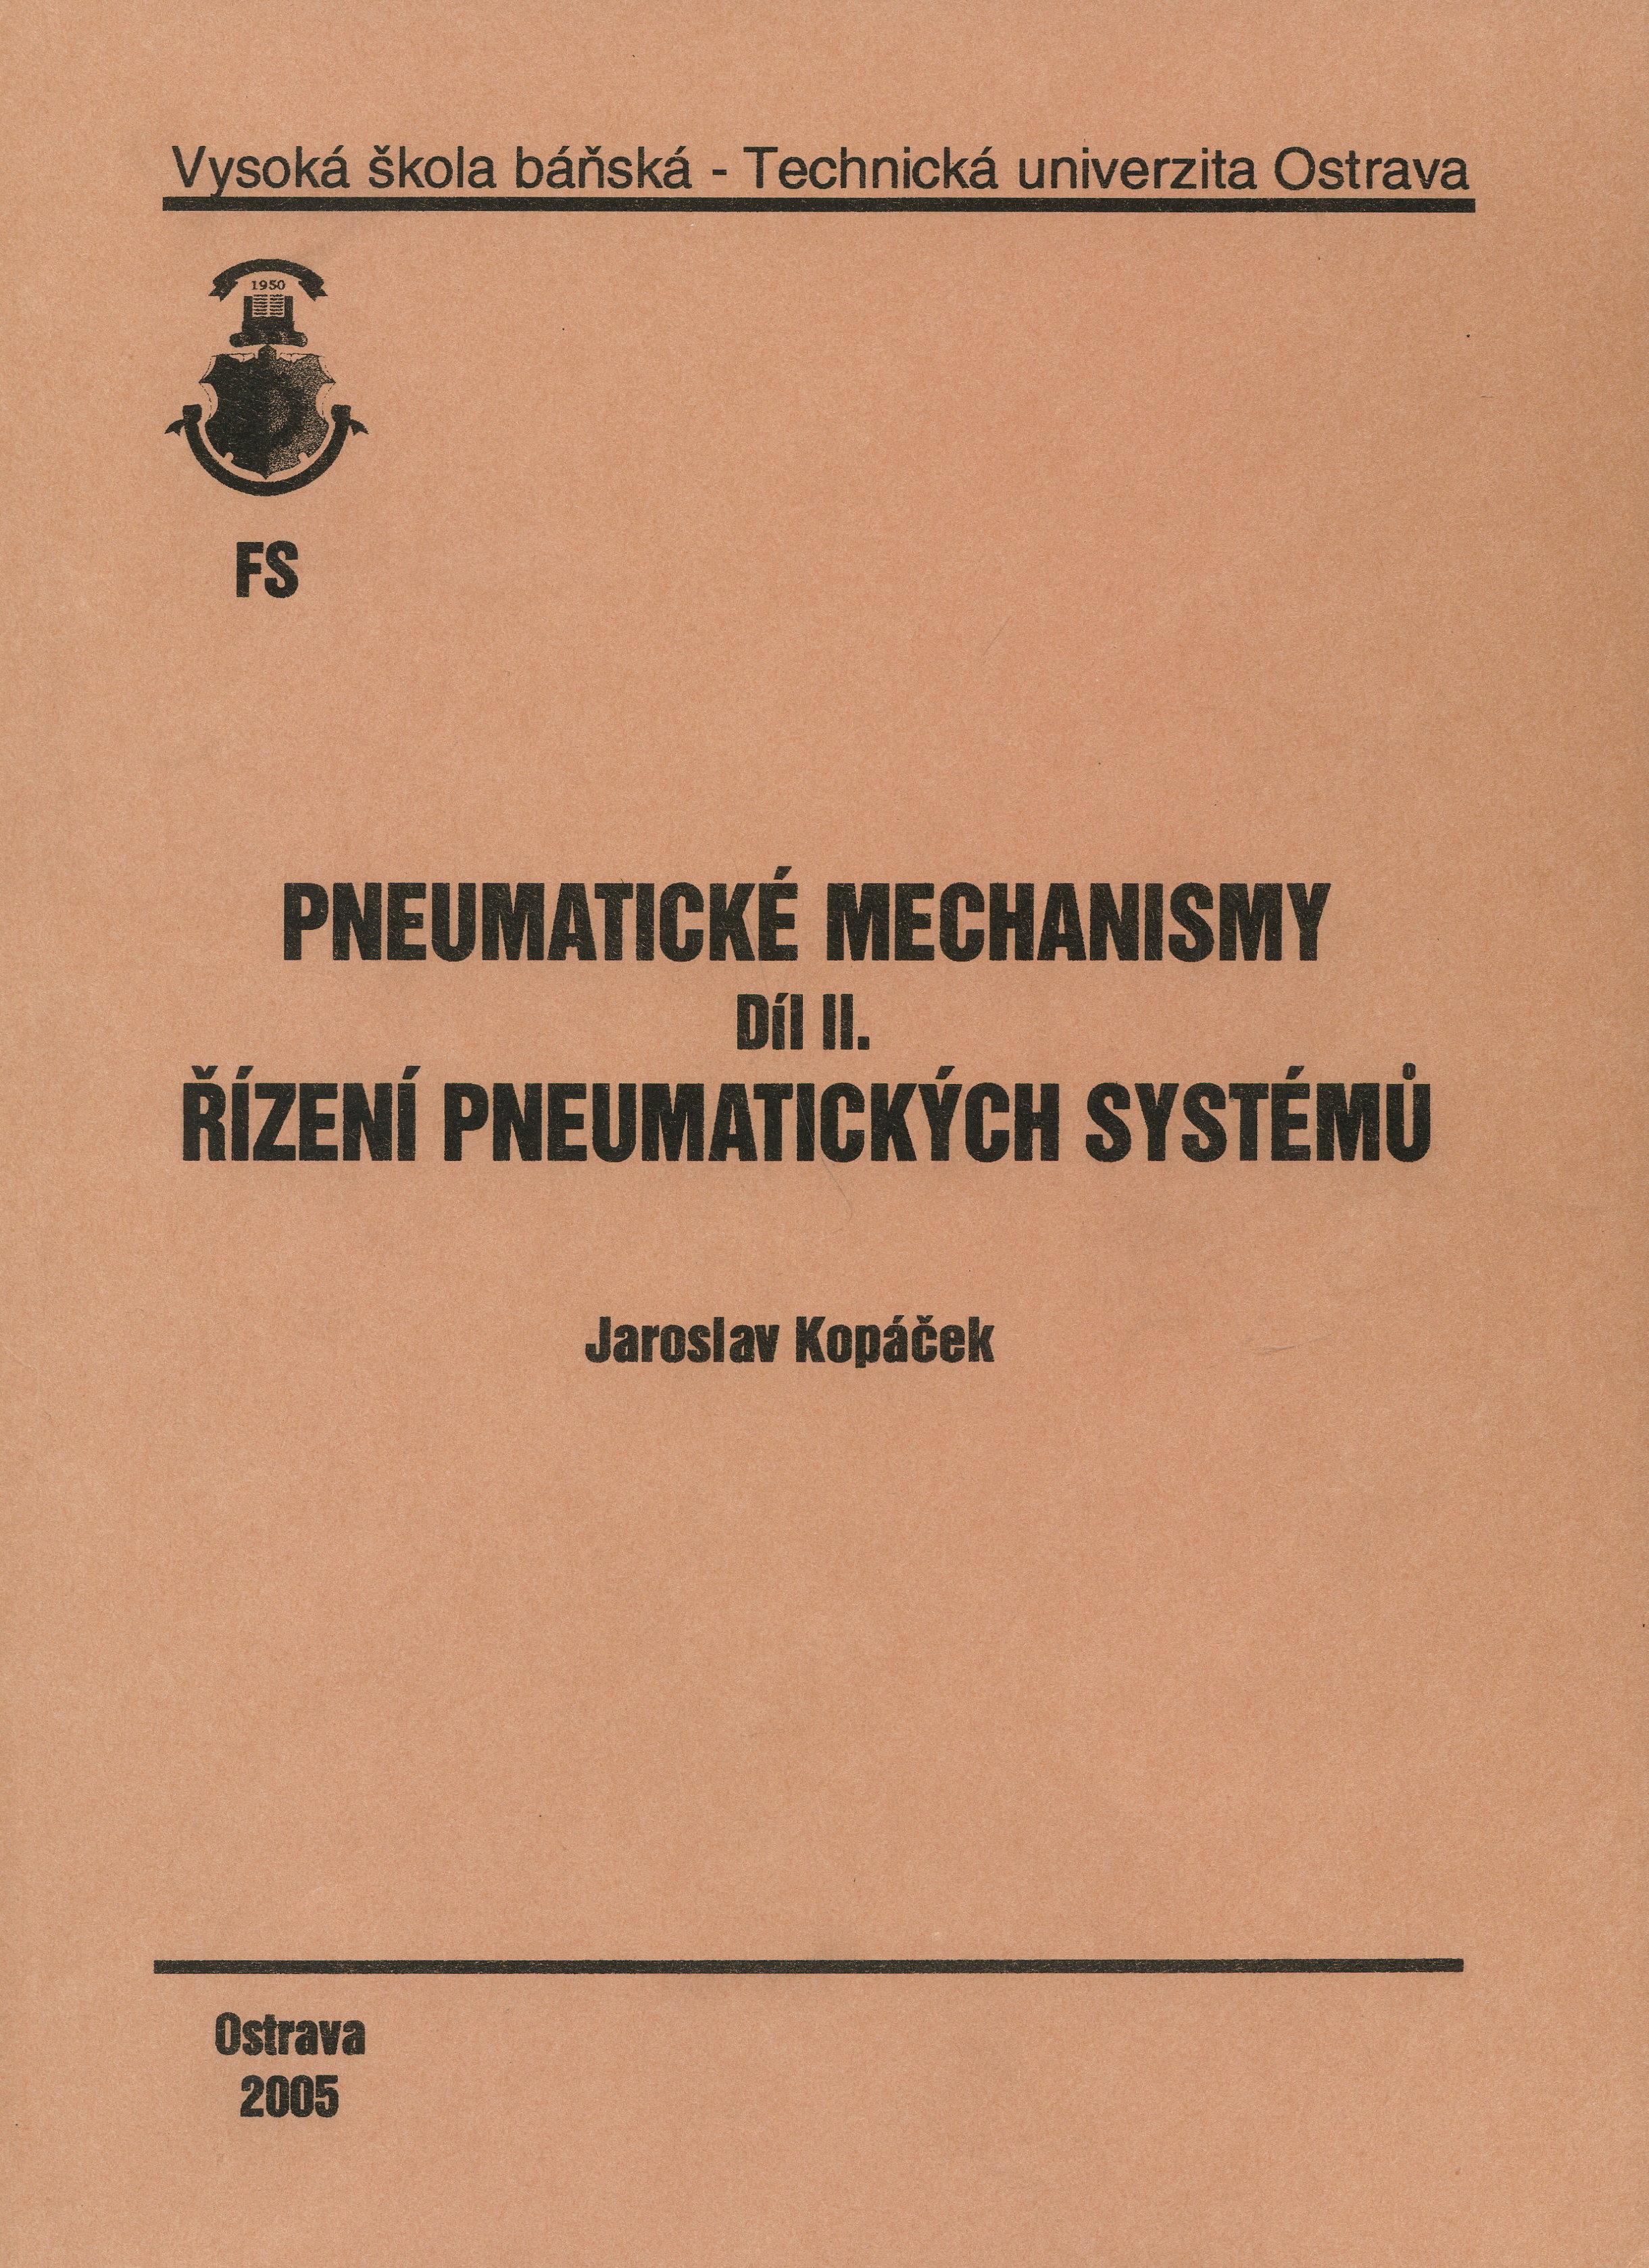 Pneumatické mechanismy díl II. - Řízení pneumatických systémů